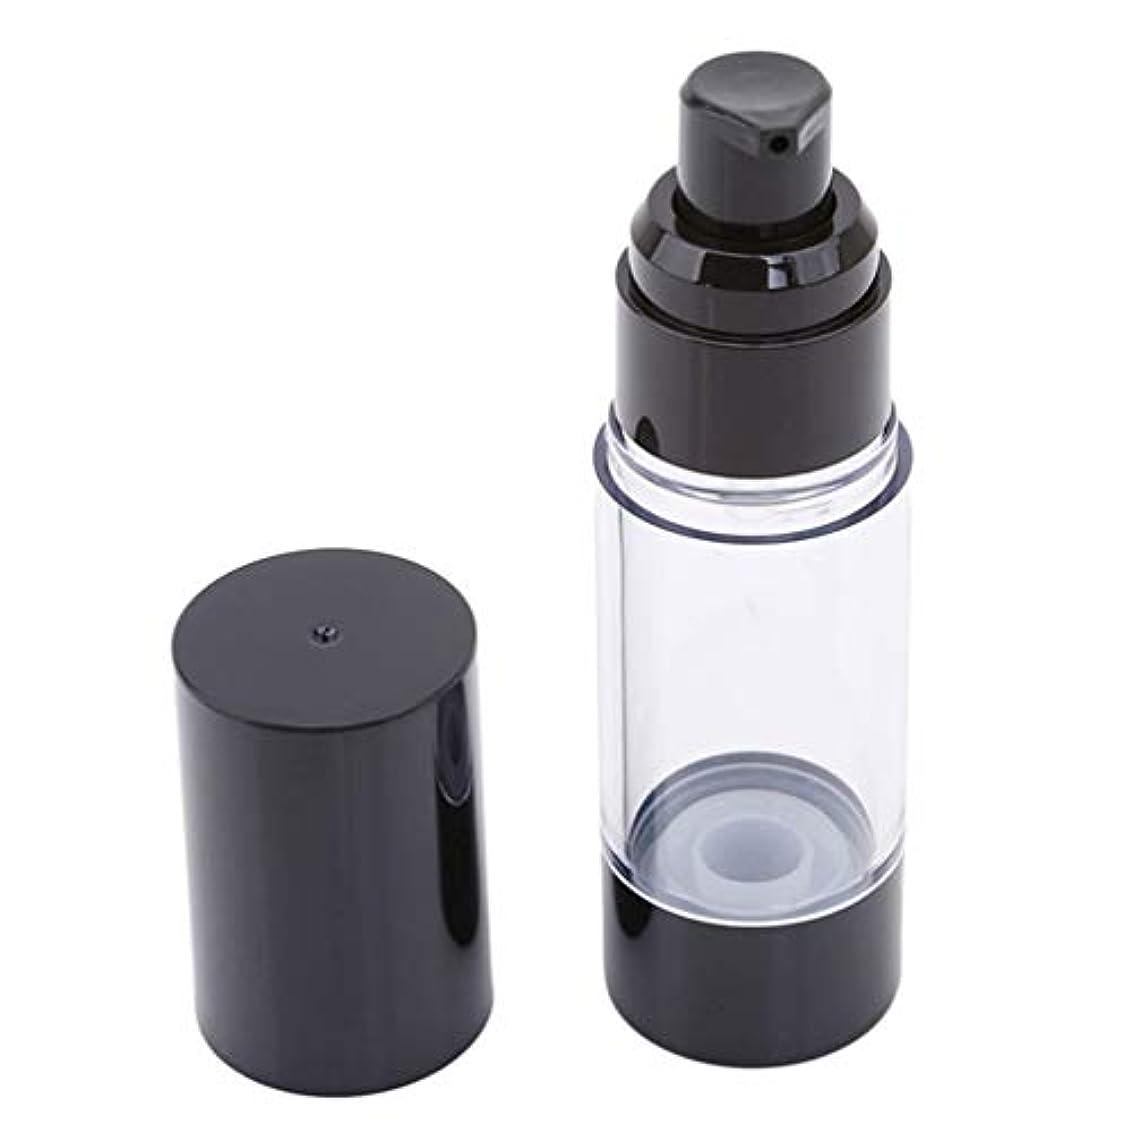 ラウズ風刺不完全LJSLYJ 真空ポンプ化粧品ボトル旅行ポータブルBBクリームファンデーションプレスミニエマルジョンスプレー空のボトル、30ミリリットル